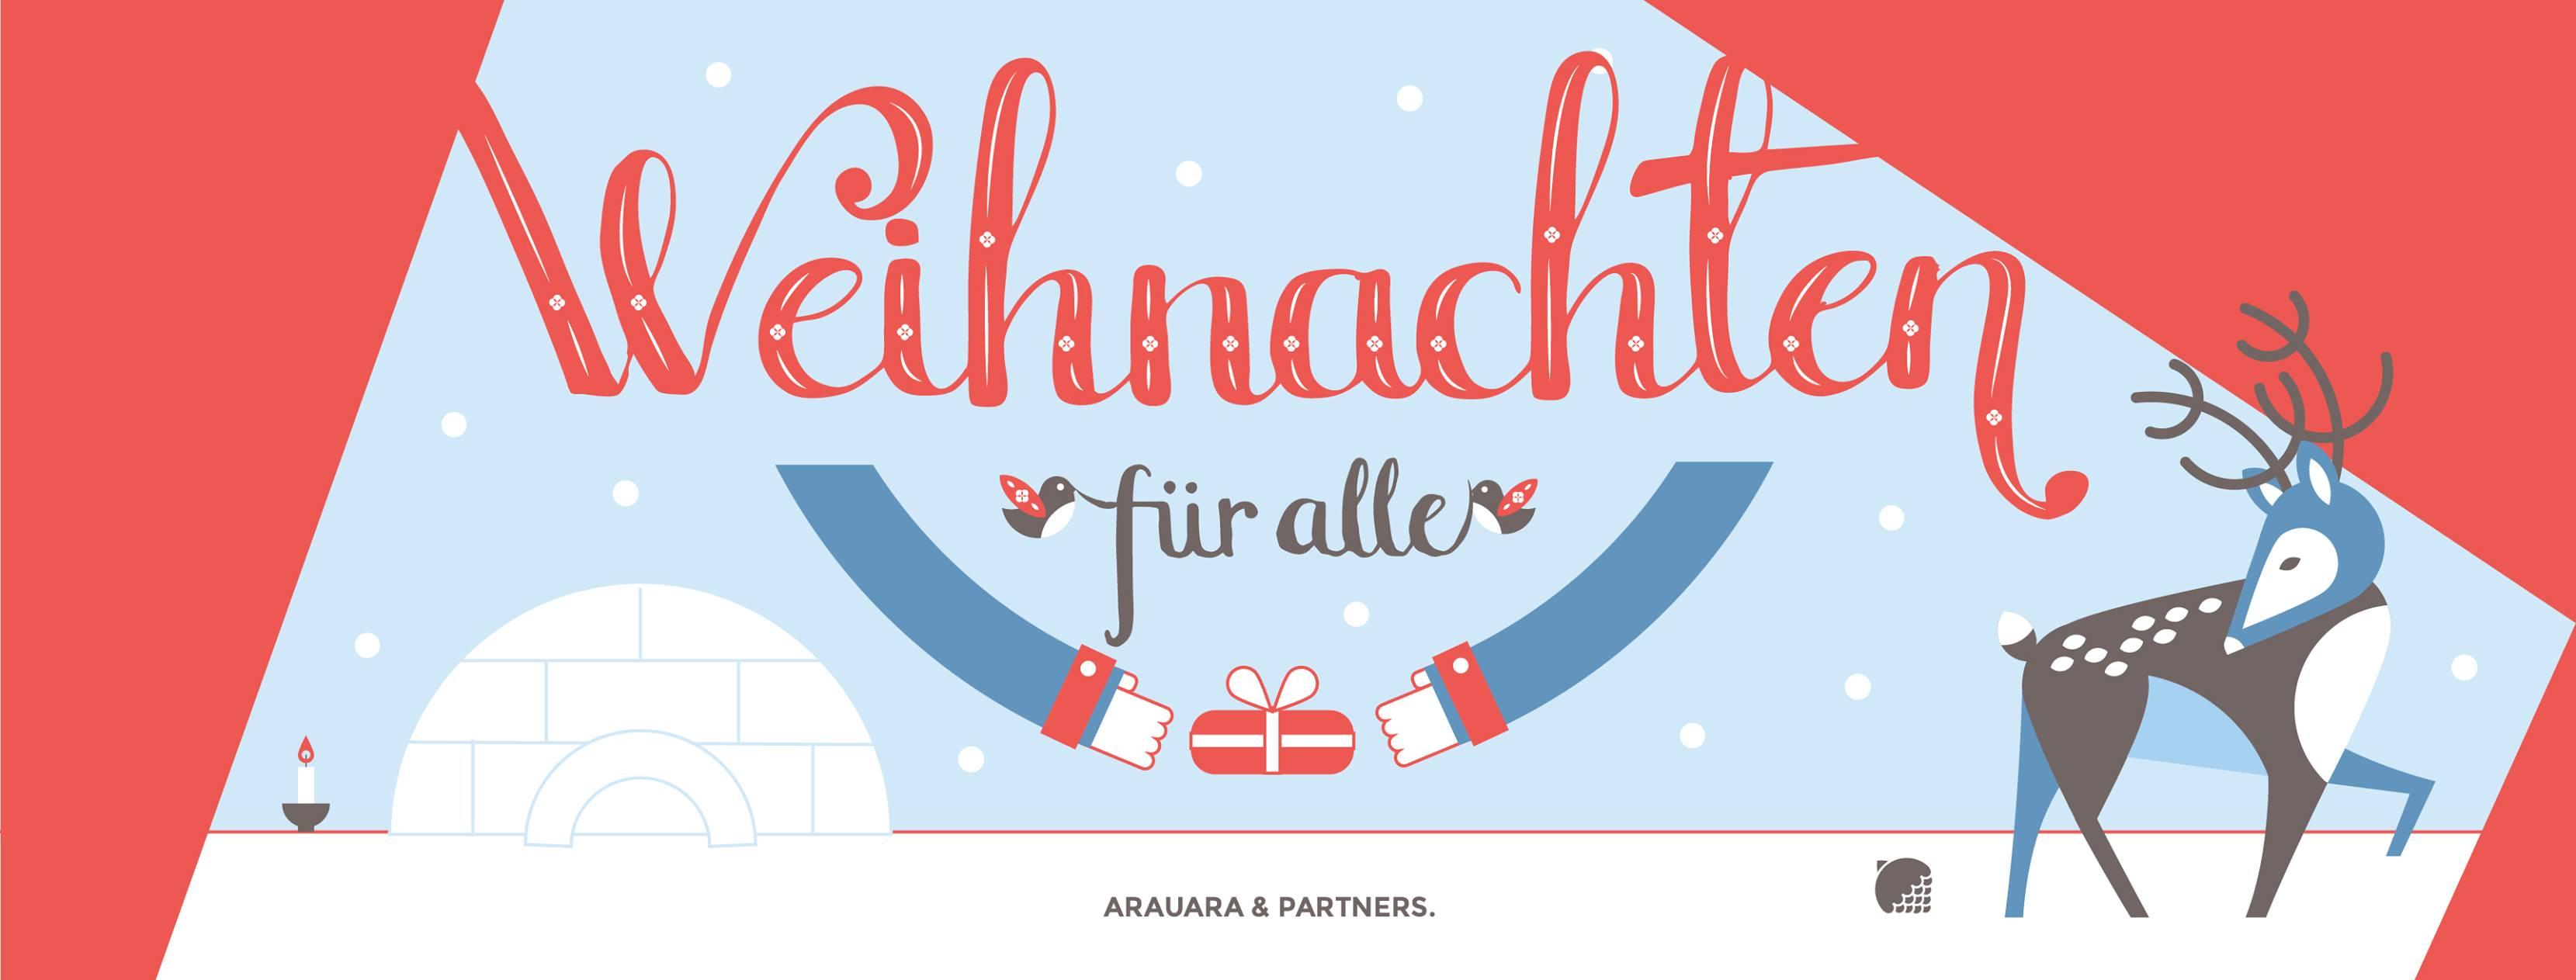 Weihnachtsfeier In Braunschweig.Weihnachtsfeier Für Bedürftige